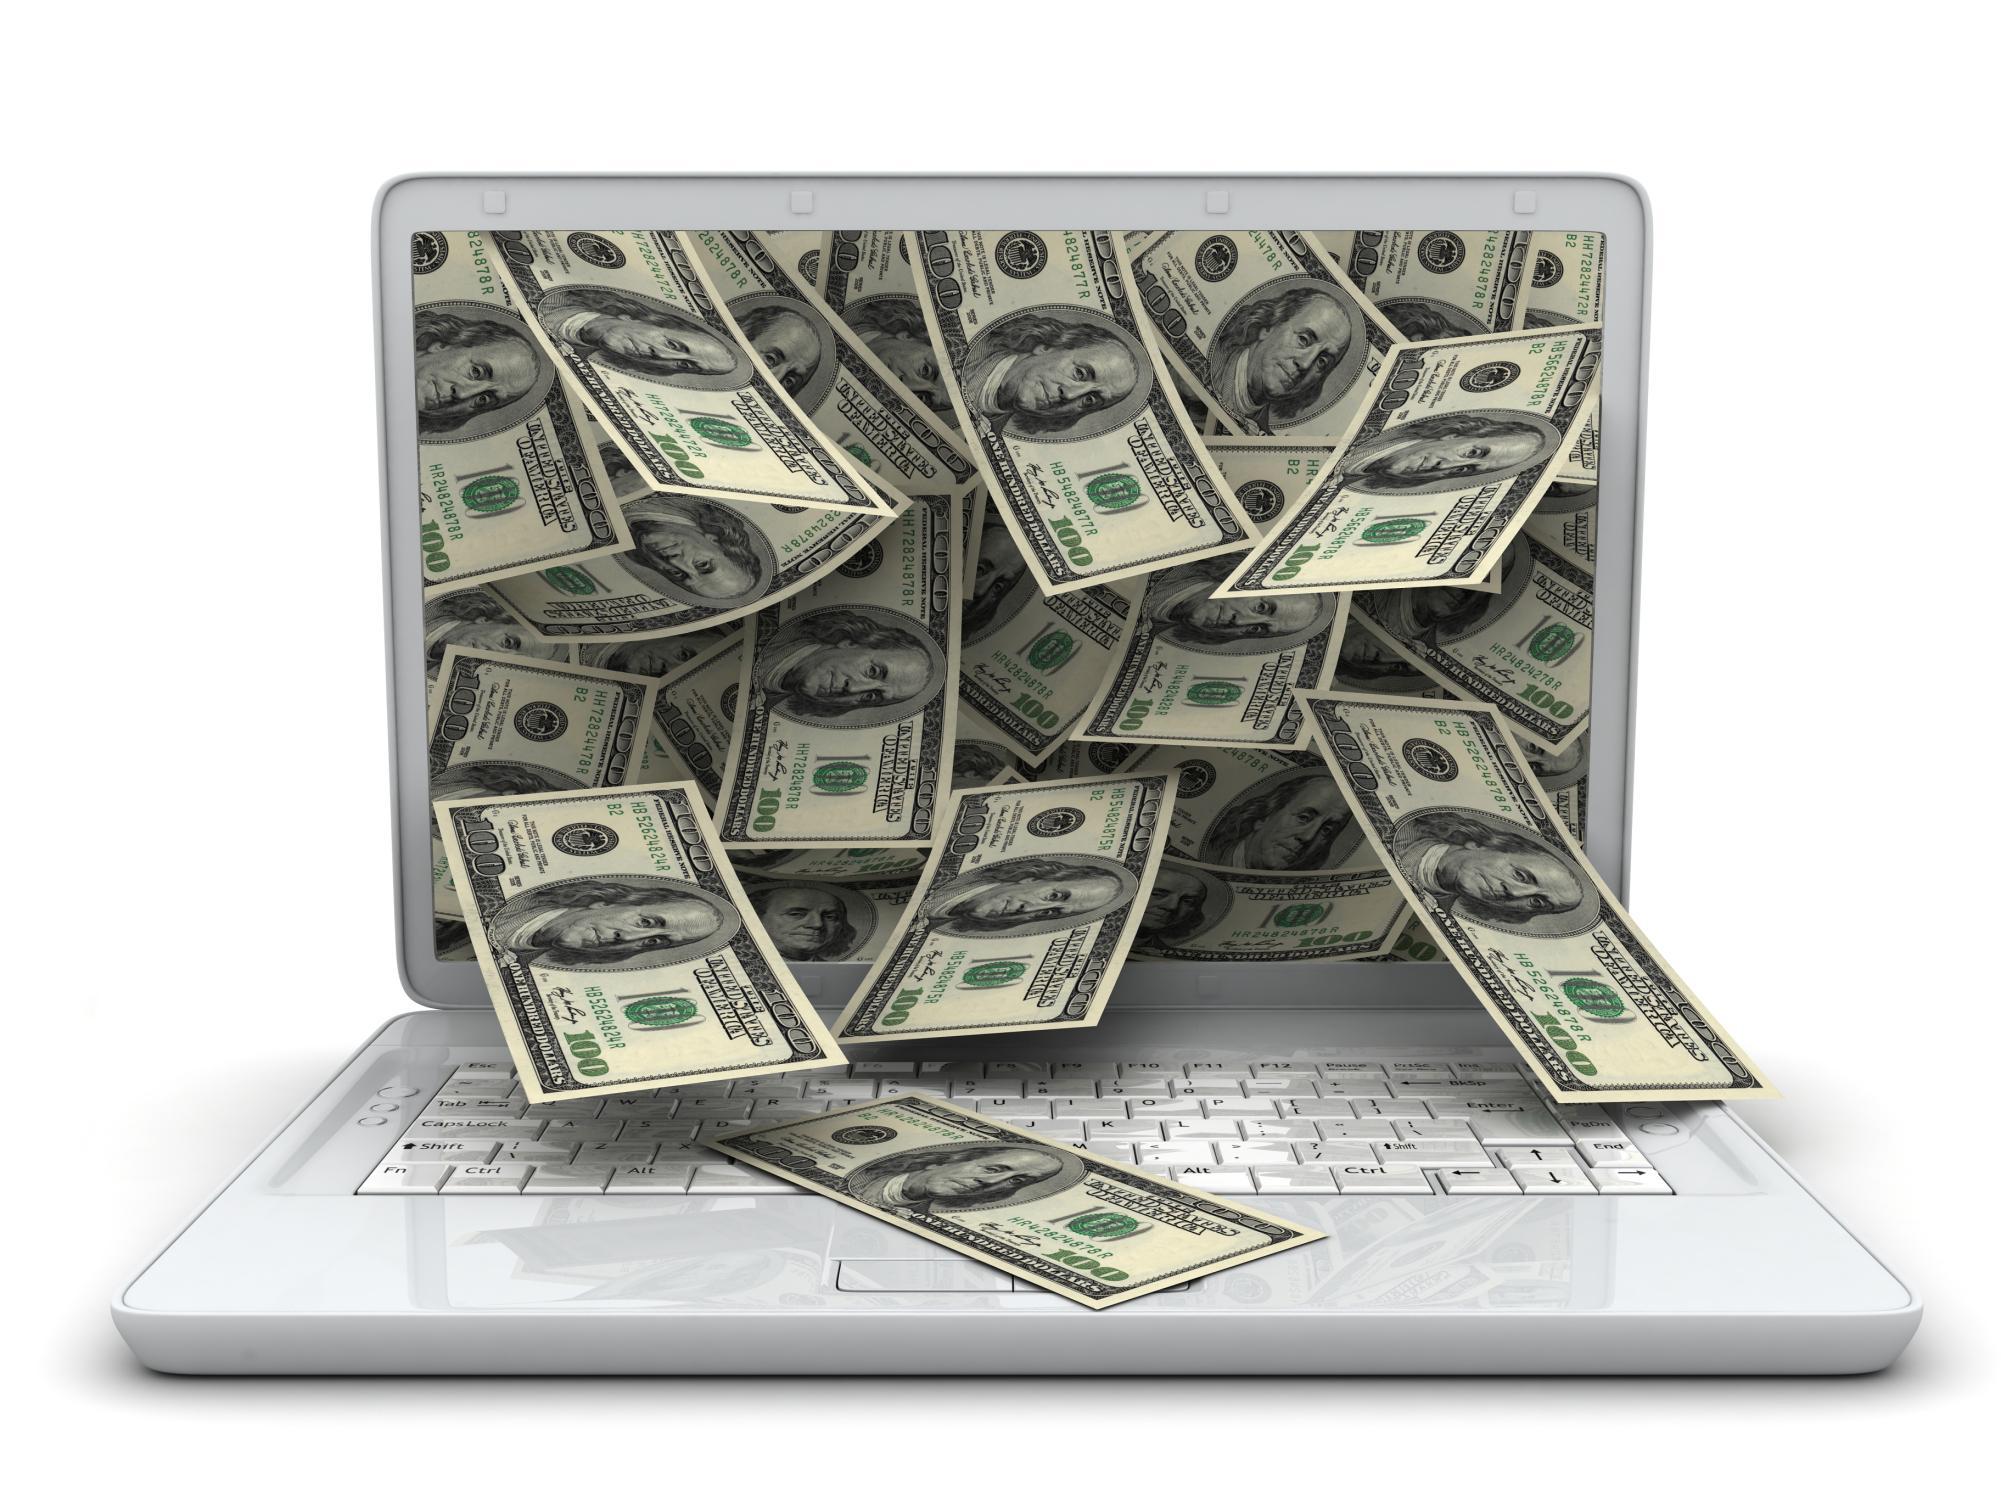 Как заработать деньги, изучив пути    Бизнес реально и виртуально 717e39cadfd